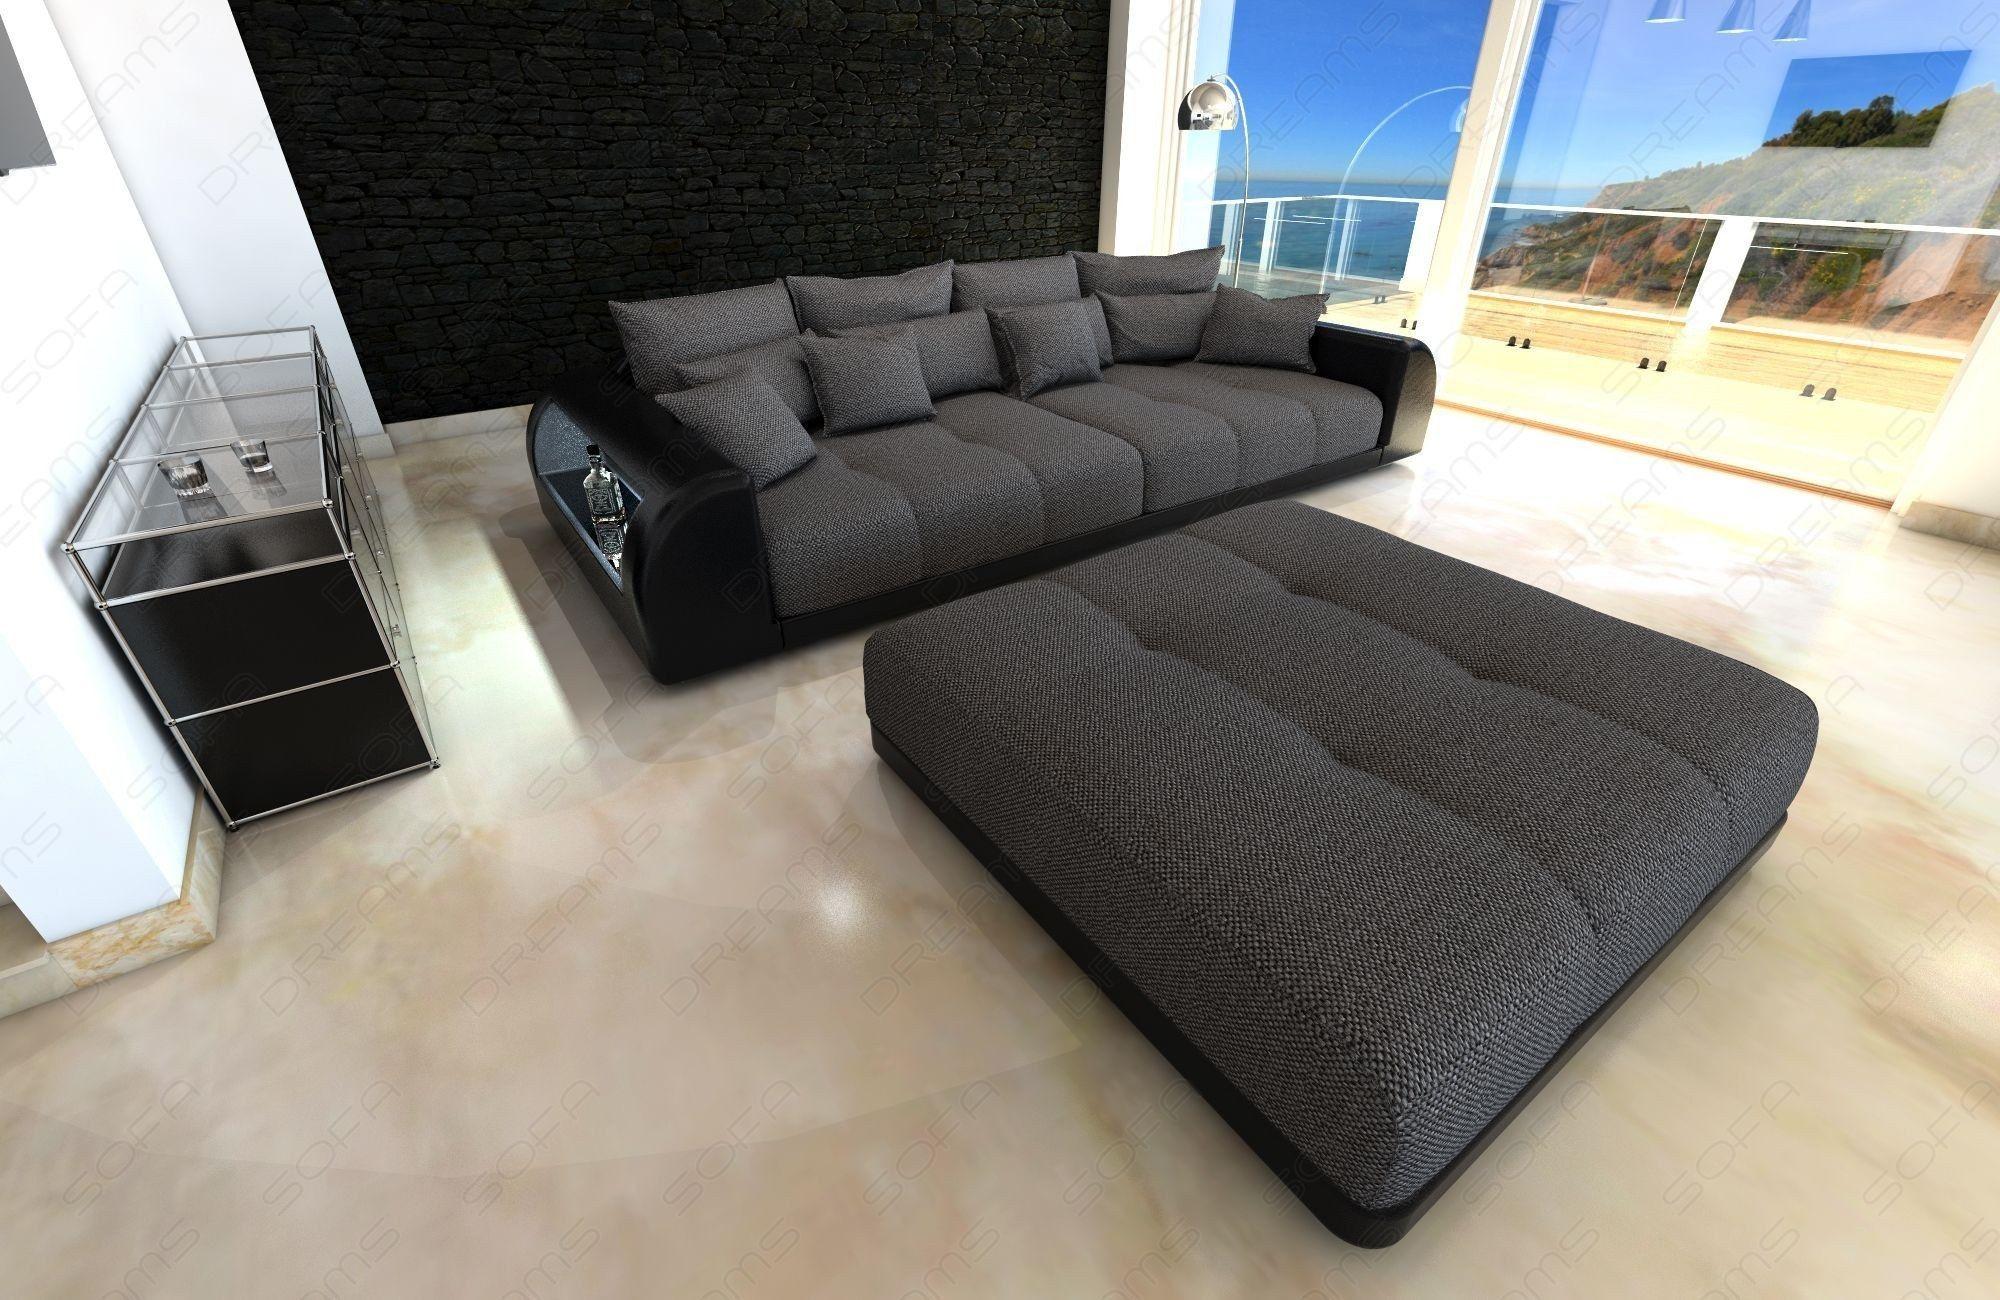 Fabric Big Sofa Miami With Led Canape Angle Canape Grossese